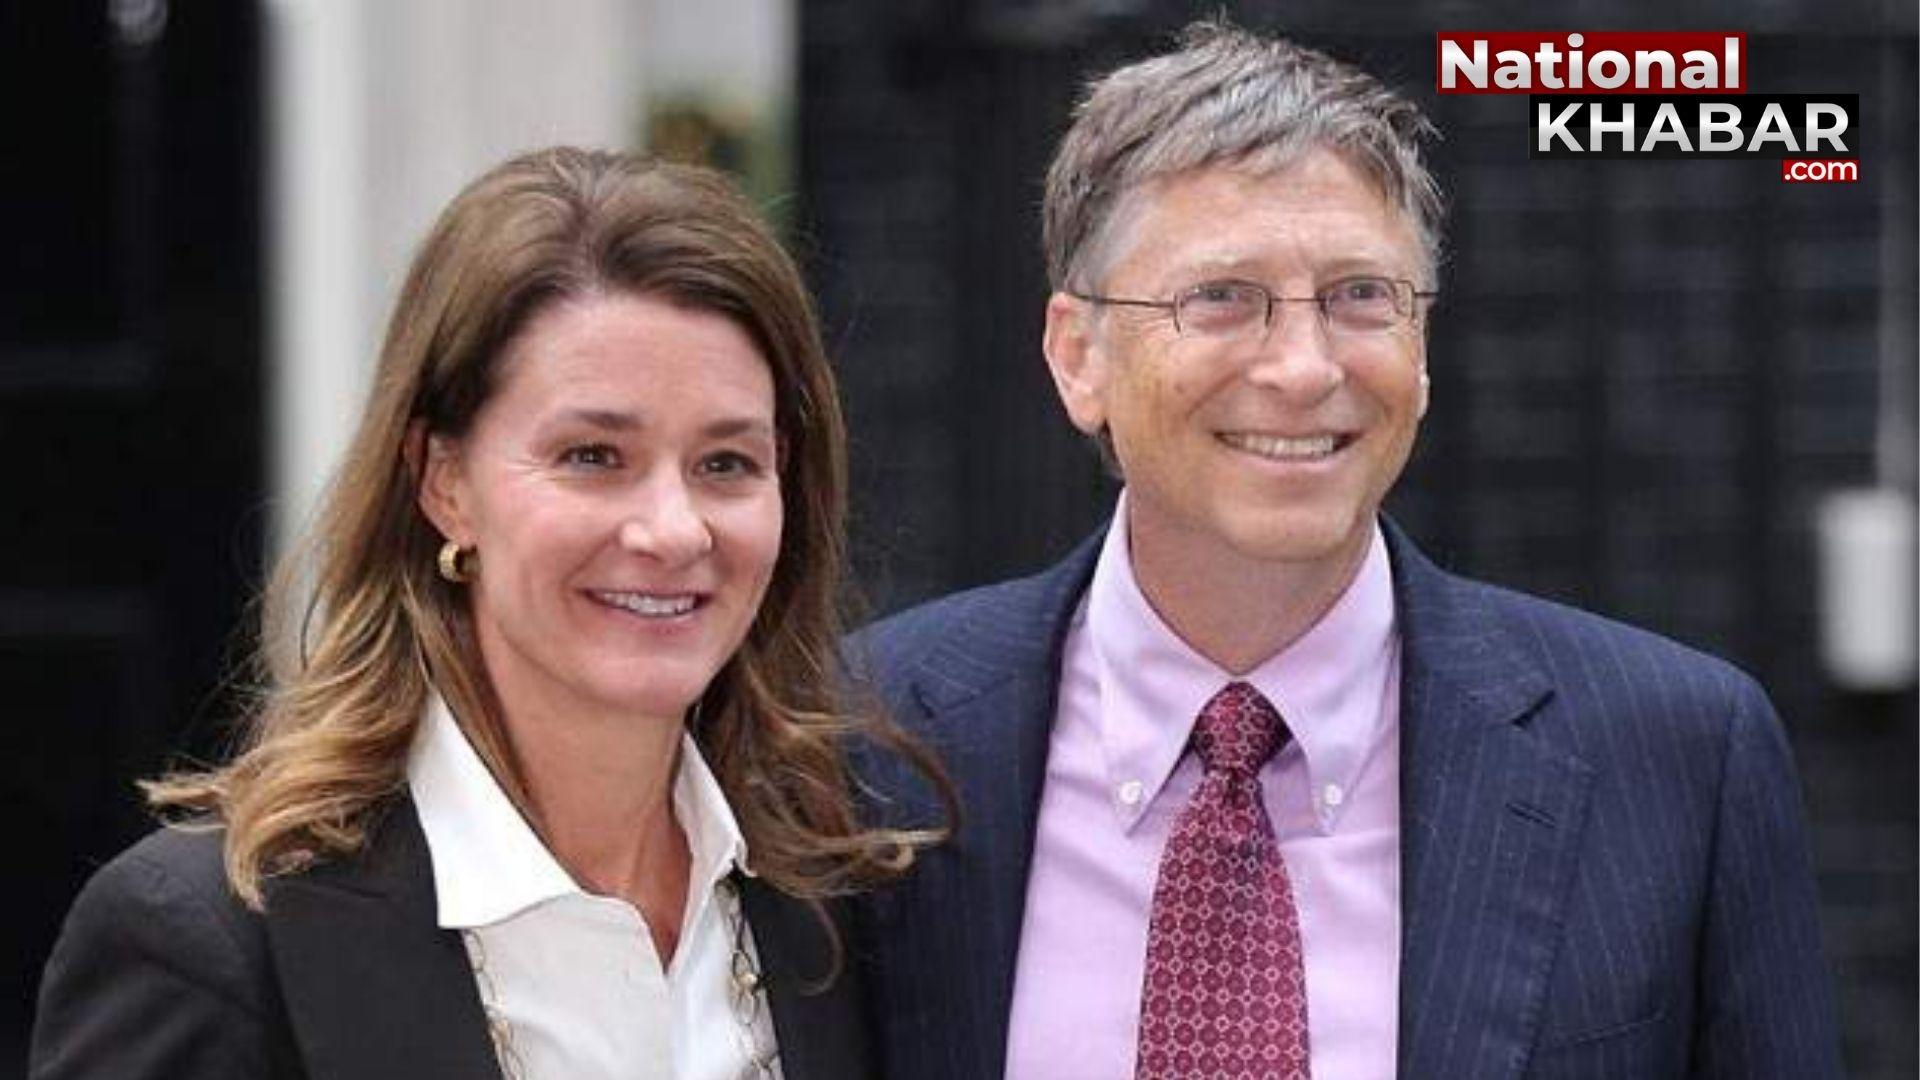 Bill and Melinda Gates announce divorce: अलग हुए Bill और Melinda Gates, कहा- साथ नहीं रह सकते